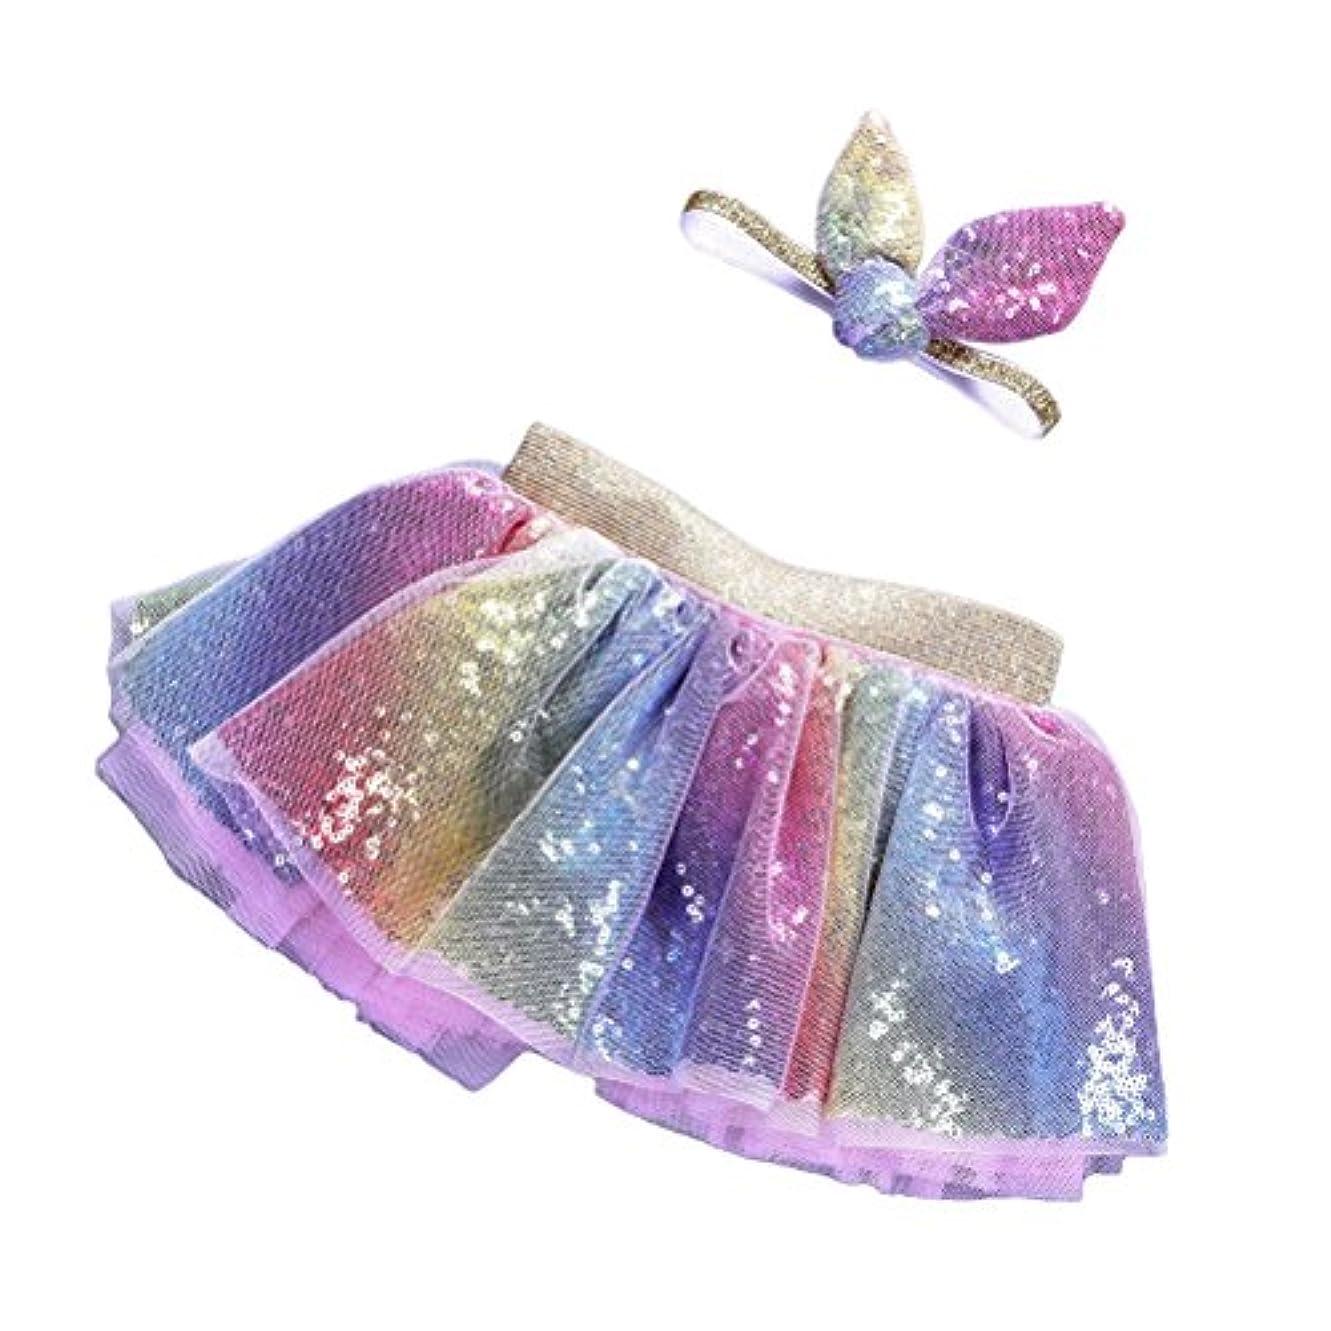 シャープ言い直す私たちのLUOEM 2PCSレインボーツツスカート(ヘッドバンドプリンセスガール付き)Tutu OutfitベビーガールズBirthday Outfit Set S(0-2歳)